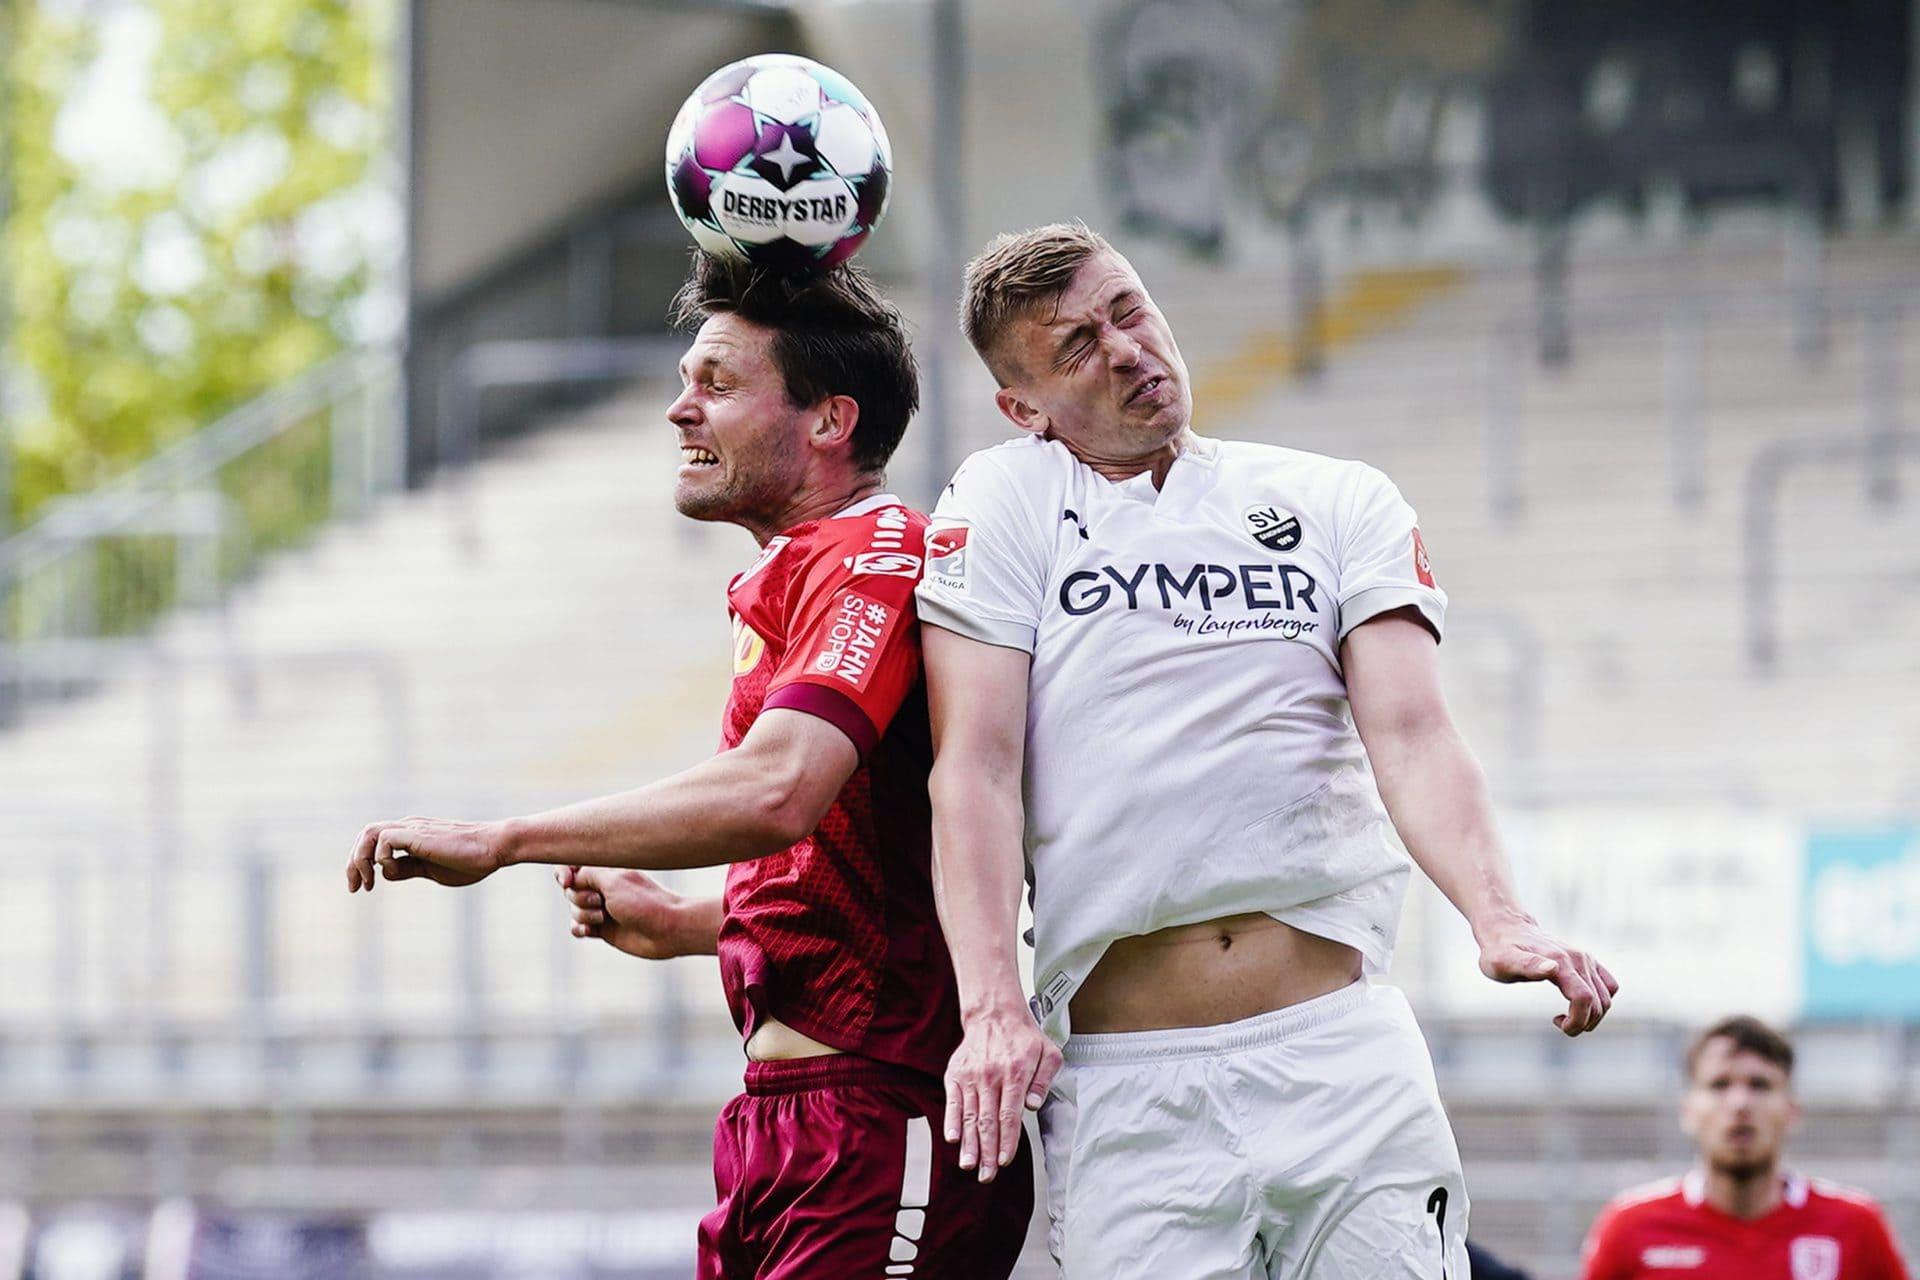 Nächste Niederlage: Jahn Regensburg muss weiter zittern 2. Bundesliga